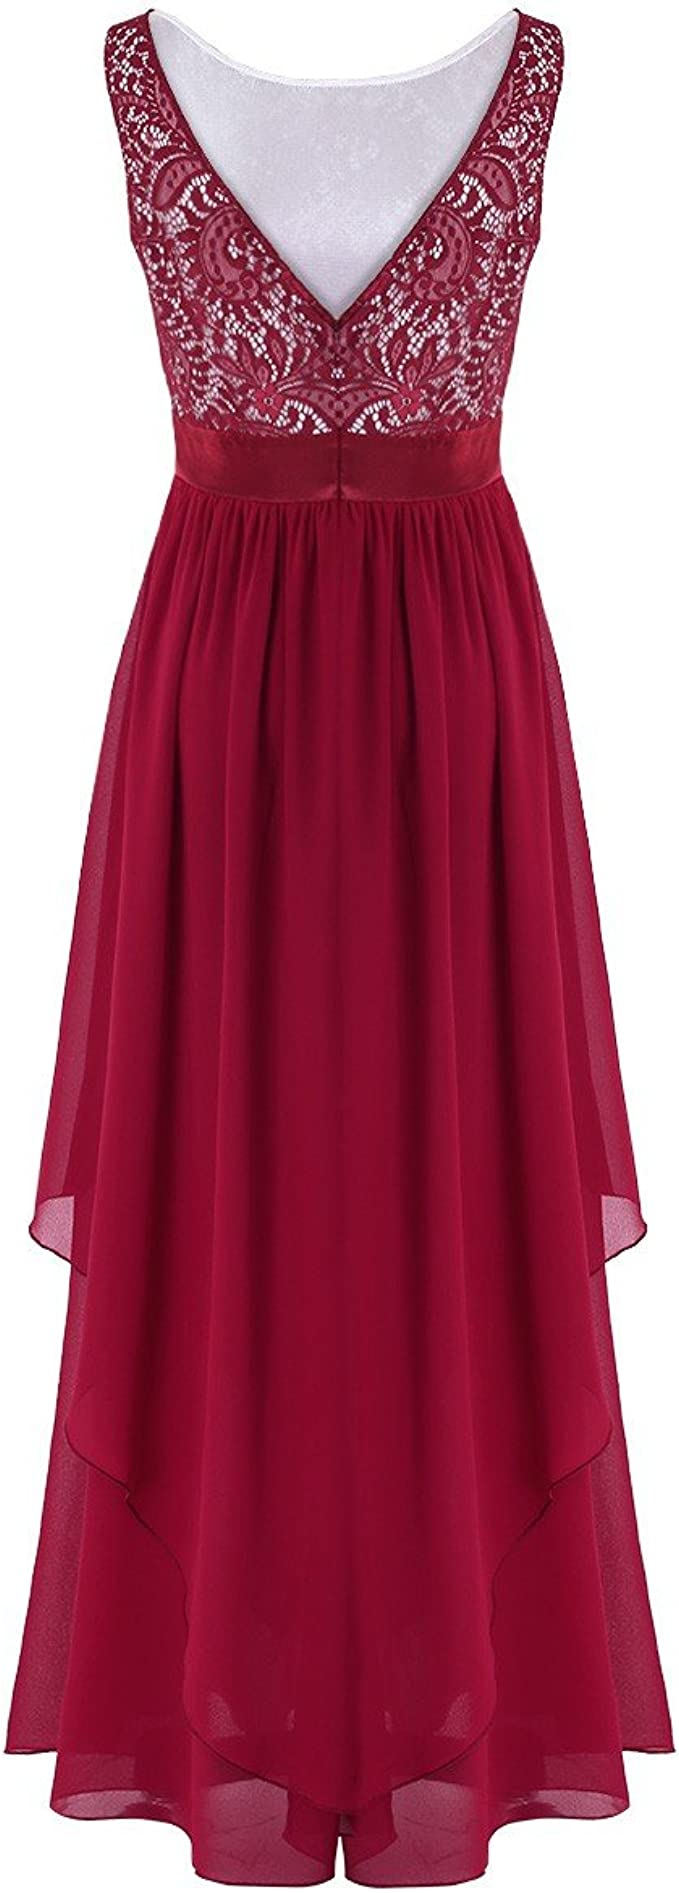 TiaoBug Elegante Damen Kleider Festliche Cocktail Hochzeit Abendkleid Lange  Kleider 18/18 18 18 18/18 18 18